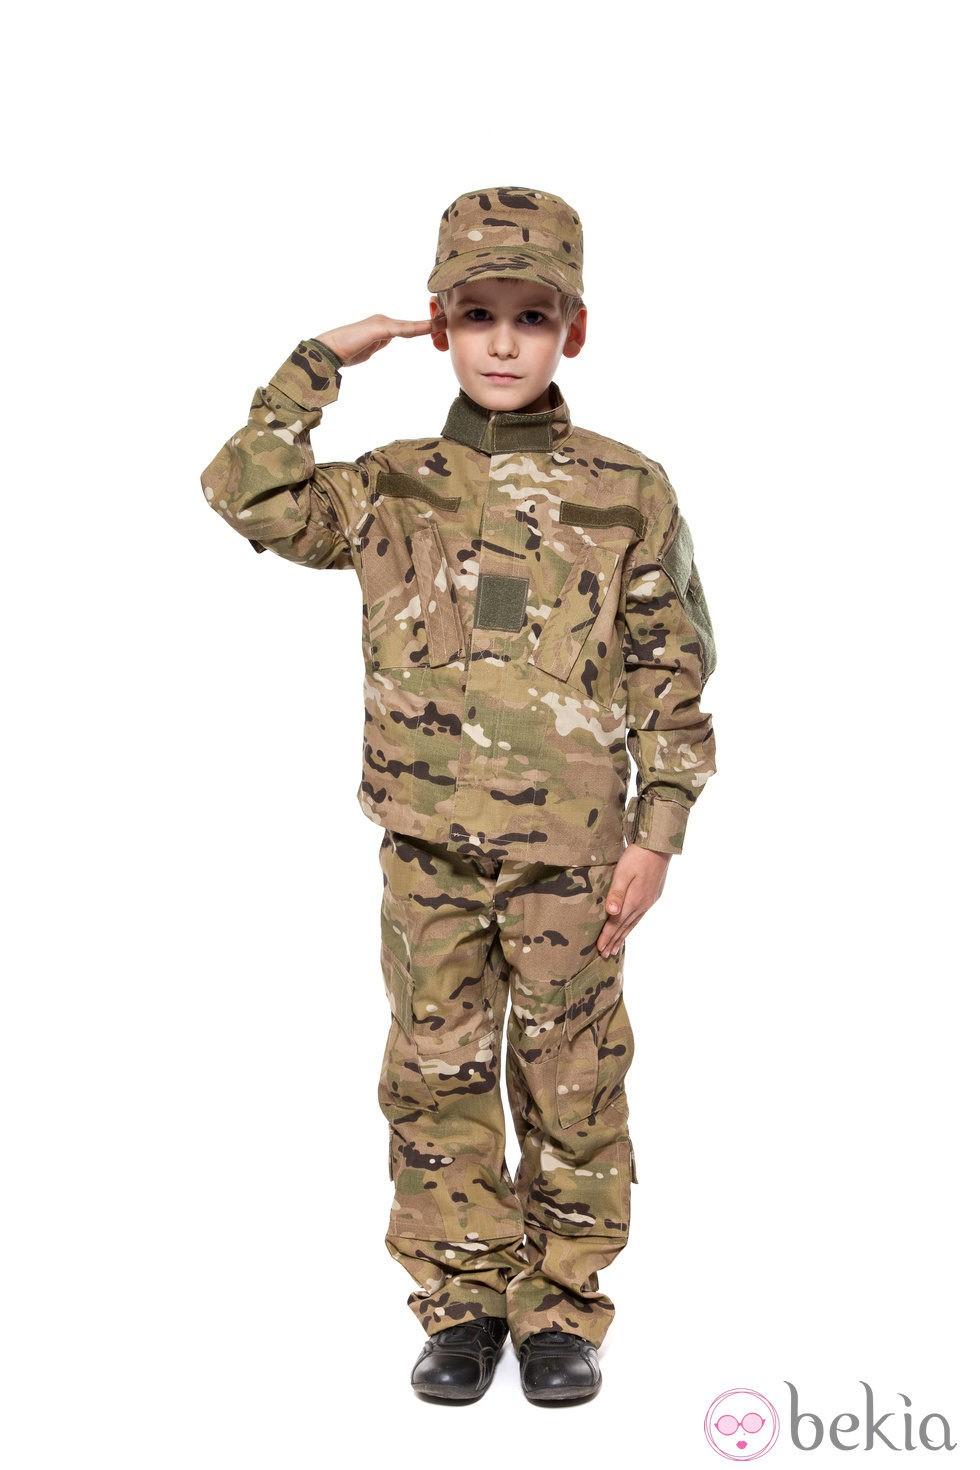 Resultado de imagen de disfraz militar niño